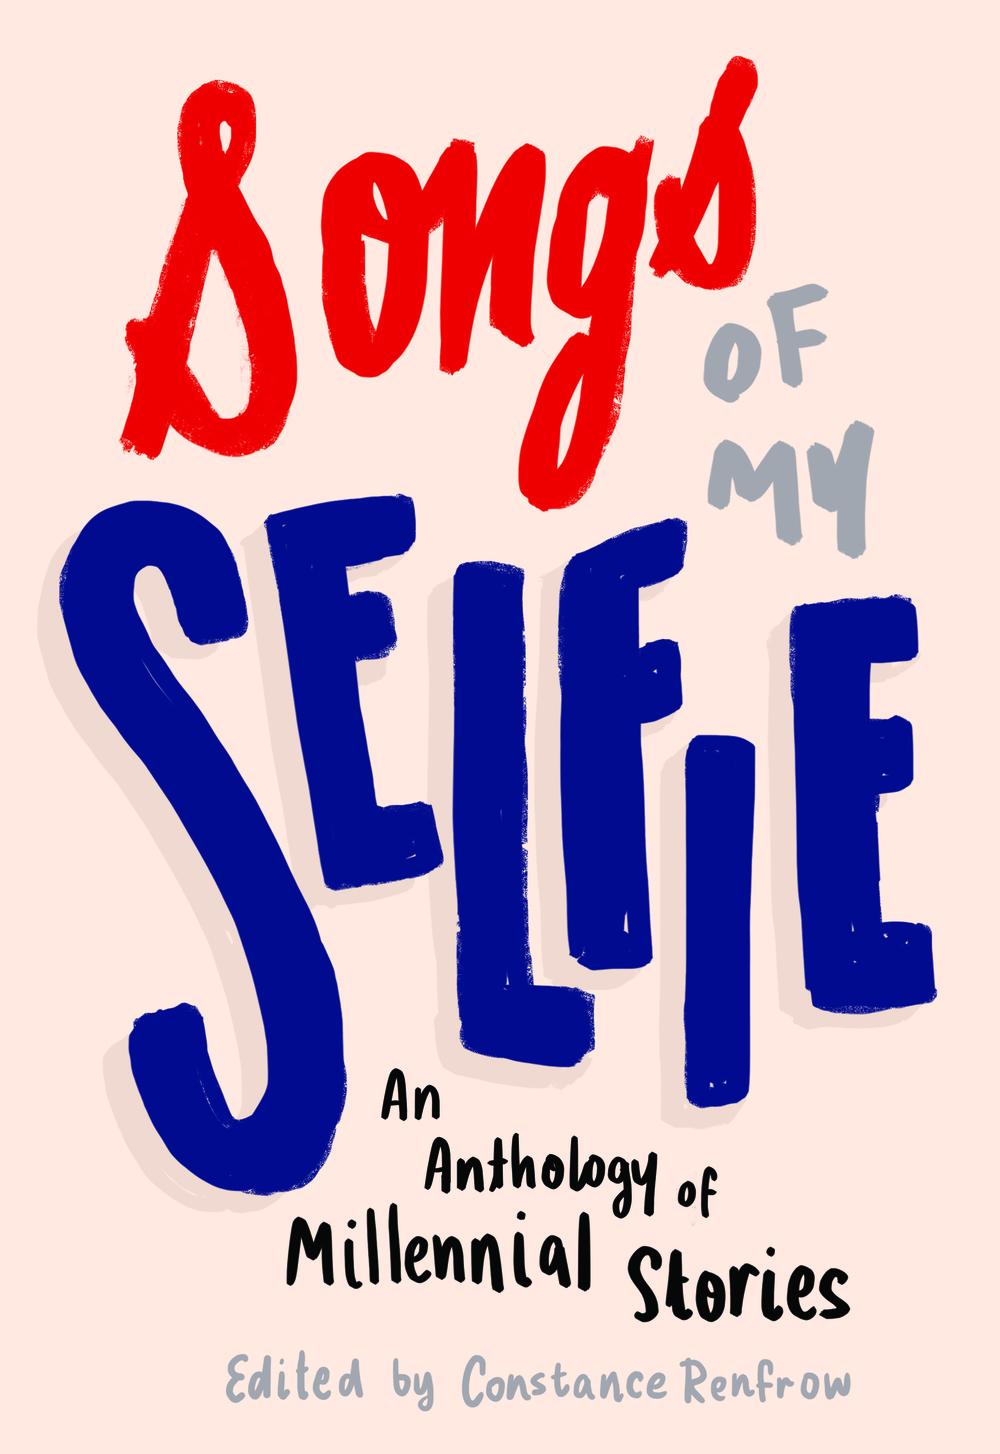 Songs of My Selfie  (Three Rooms Press, April 2016, 978-1-941110-49-0)